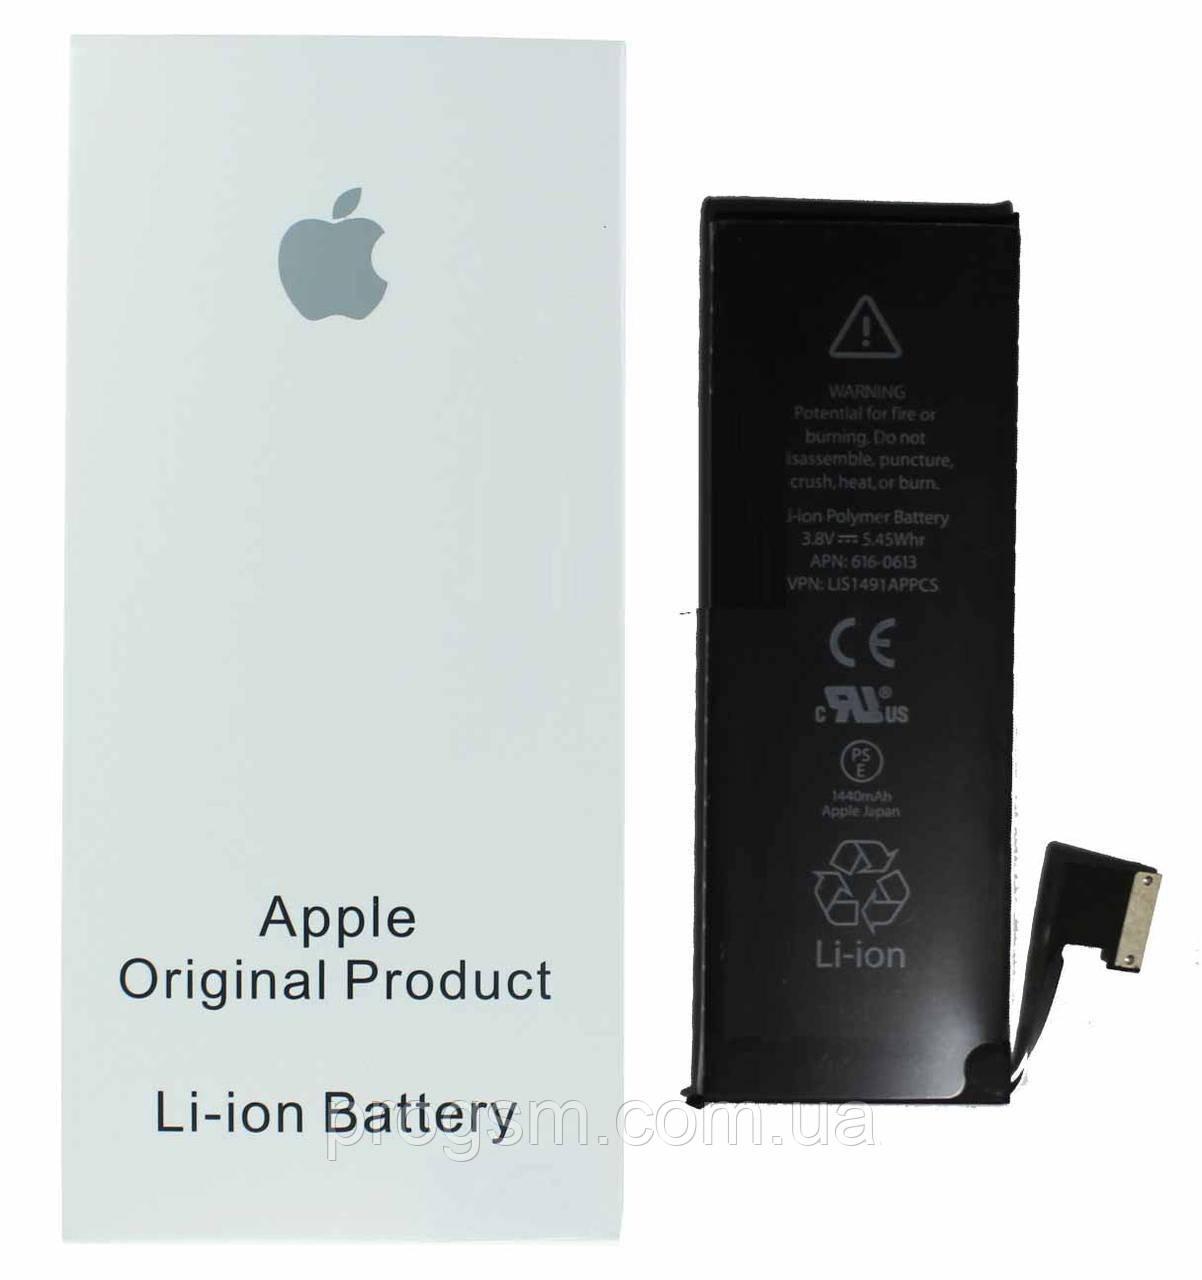 Аккумулятор iPhone 5 Original 100% (в упаковке)